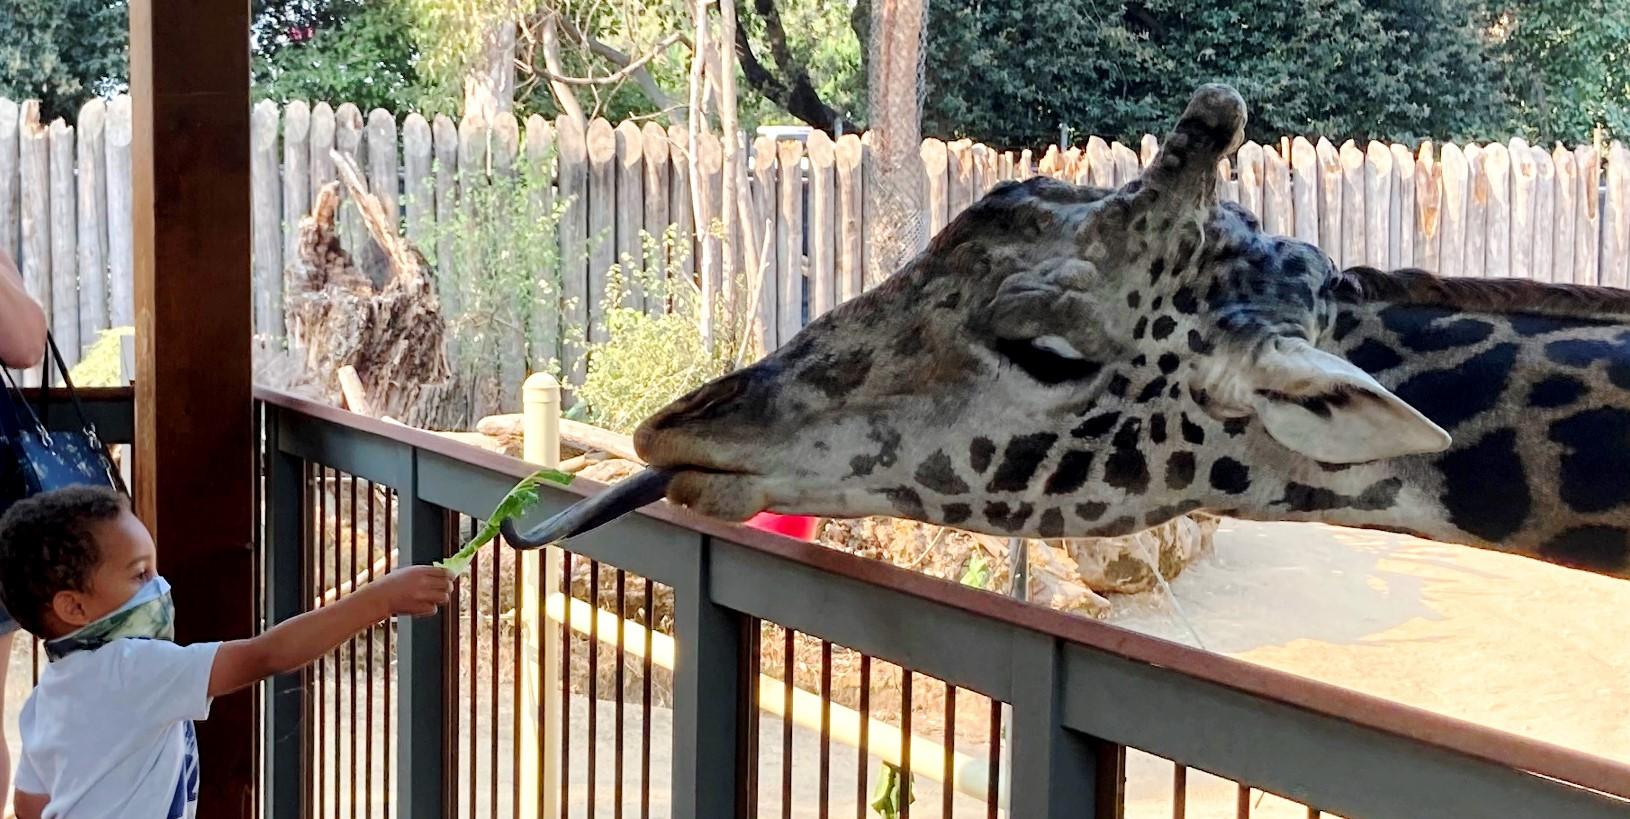 Visitor feeds giraffe at giraffe encounter